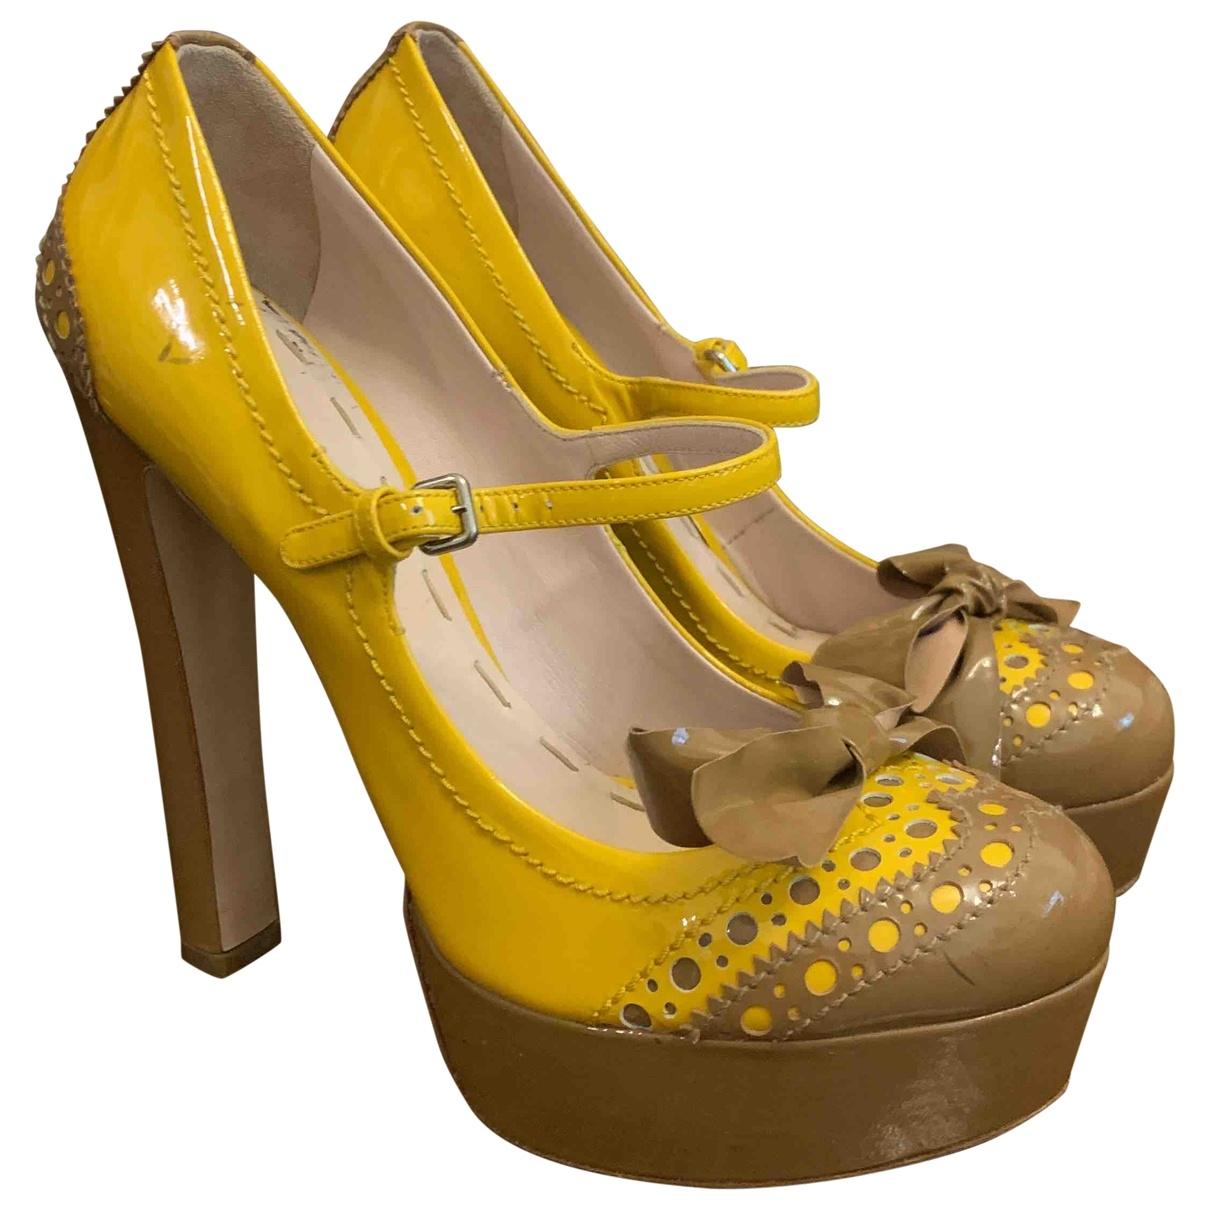 Miu Miu \N Yellow Patent leather Heels for Women 40 EU